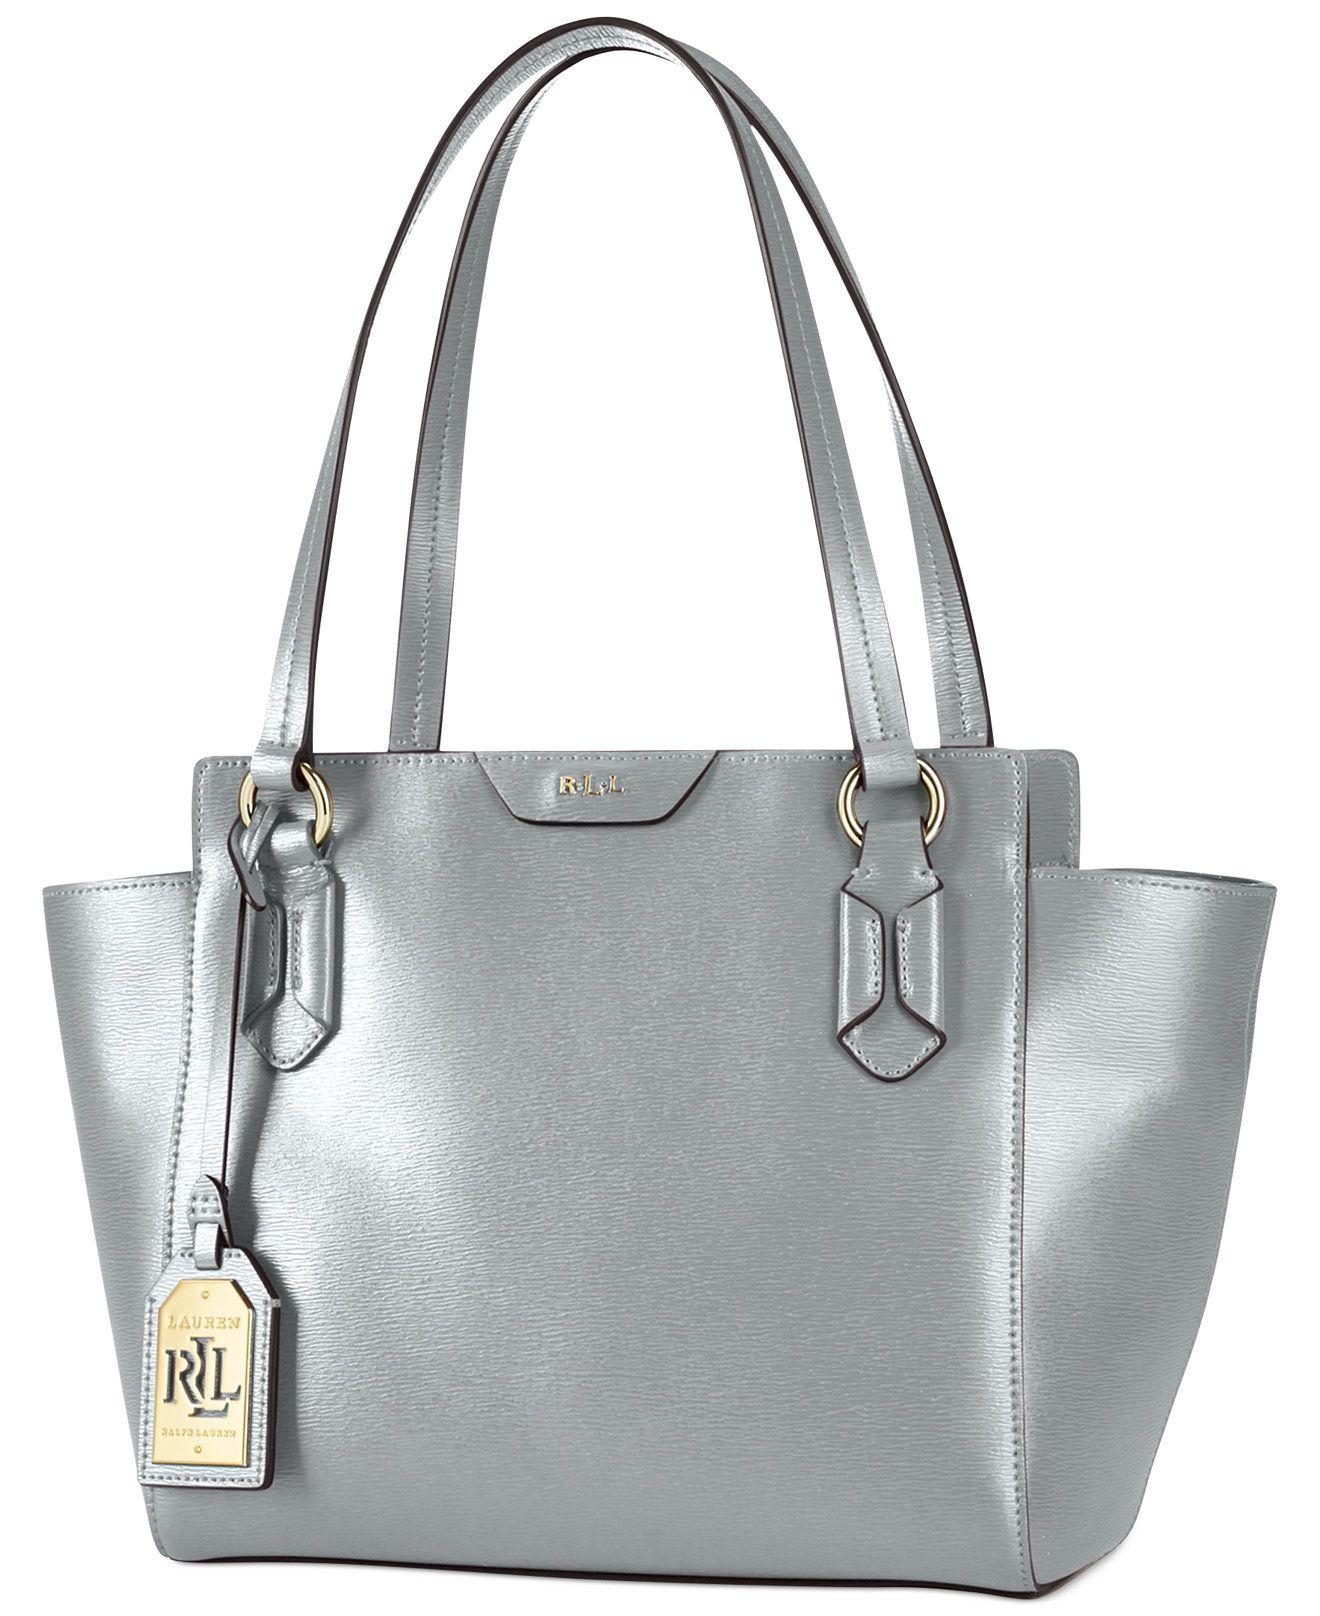 Lauren Ralph Lauren Tate Modern Shopper - Tote Bags - Handbags    Accessories - Macy s 82d45239e5